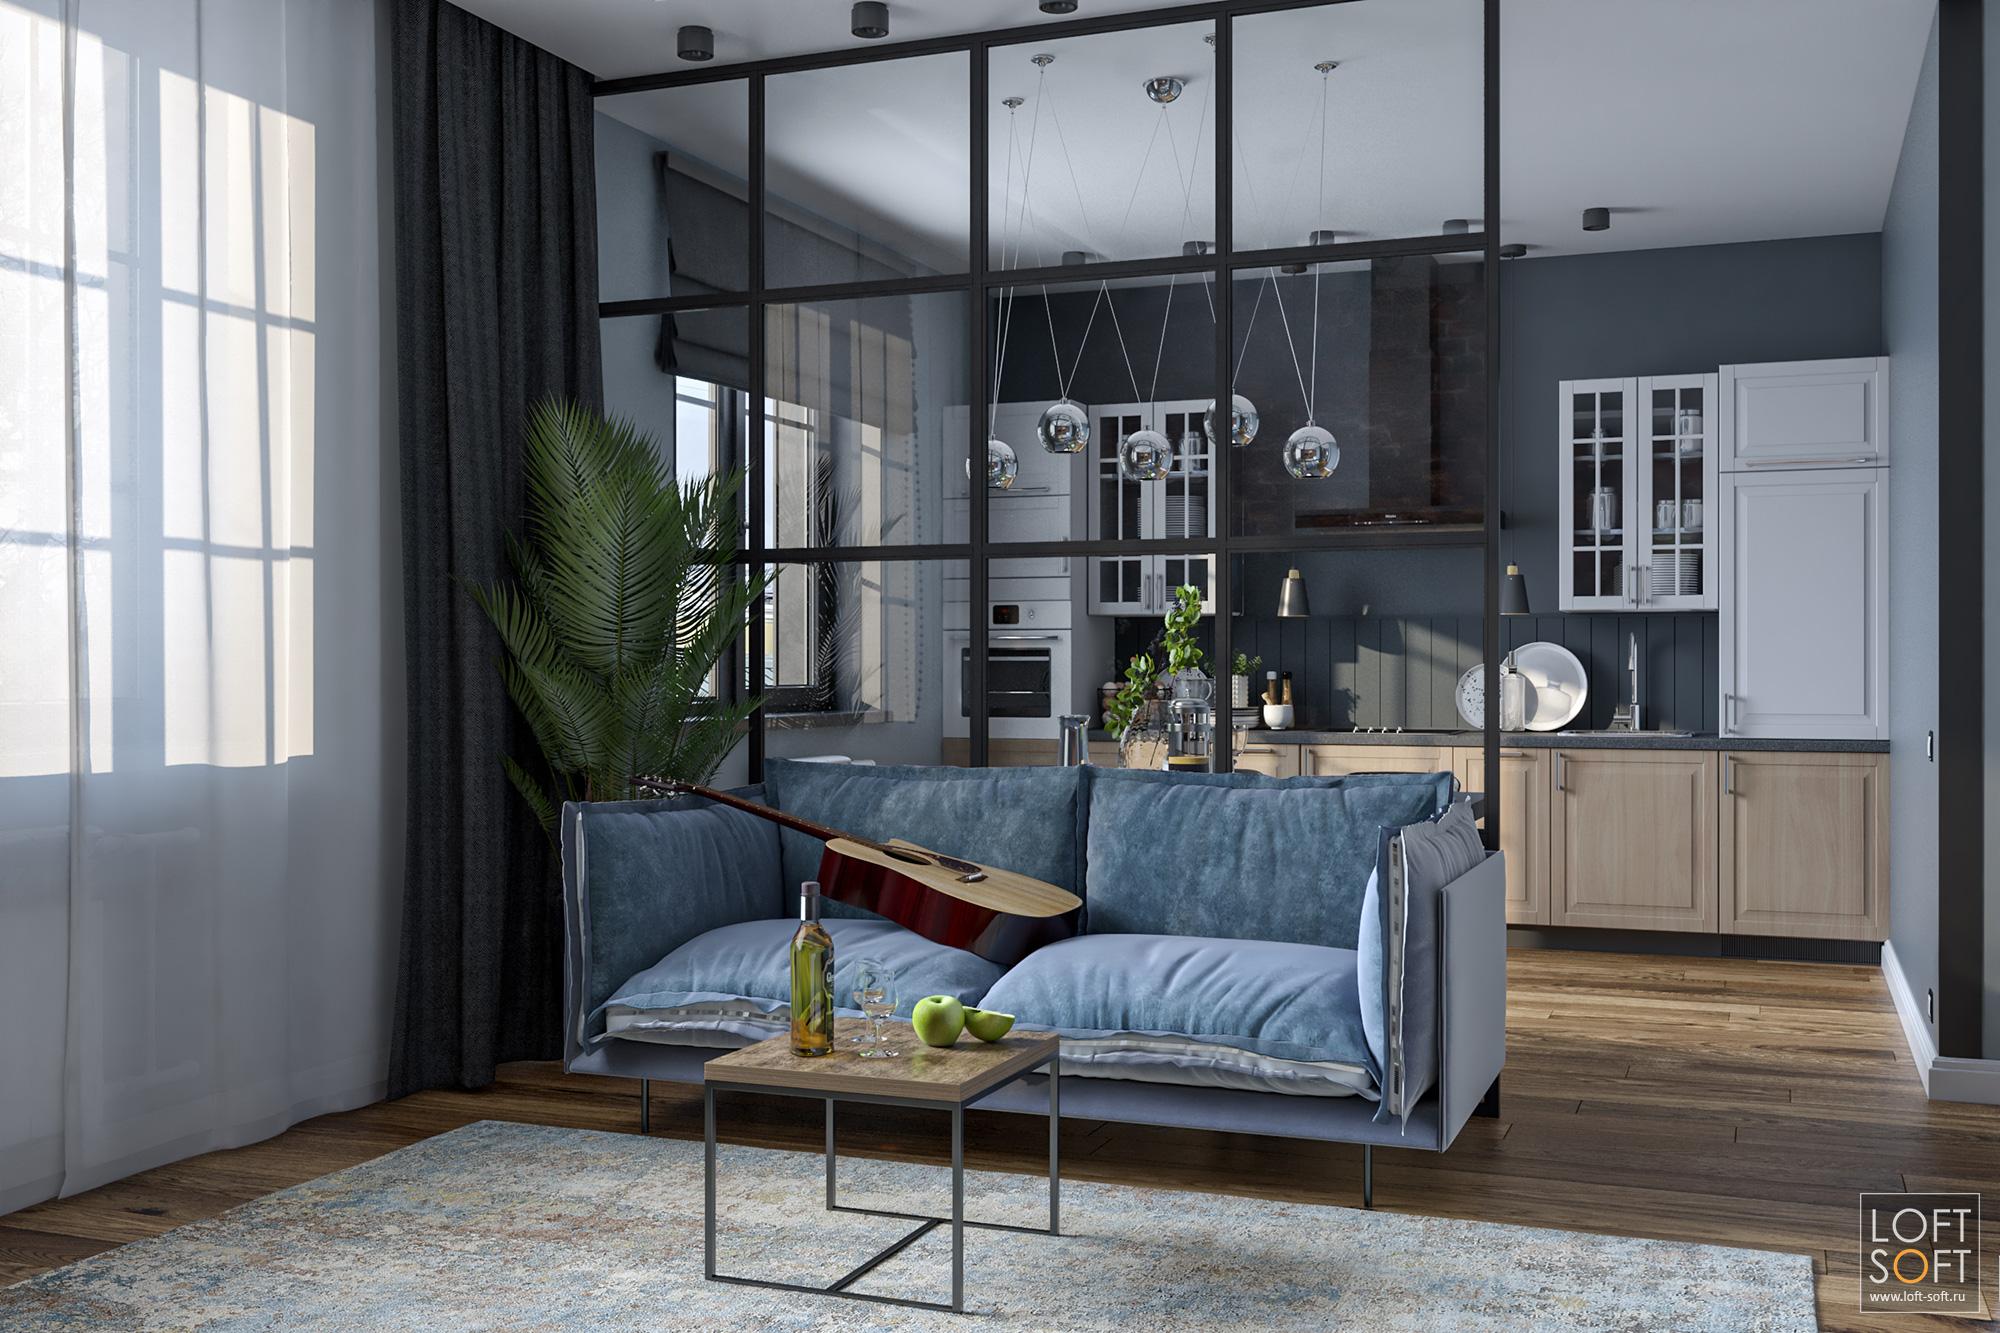 Лофт интерьер, стеклянная перегородка между комнатой икухней